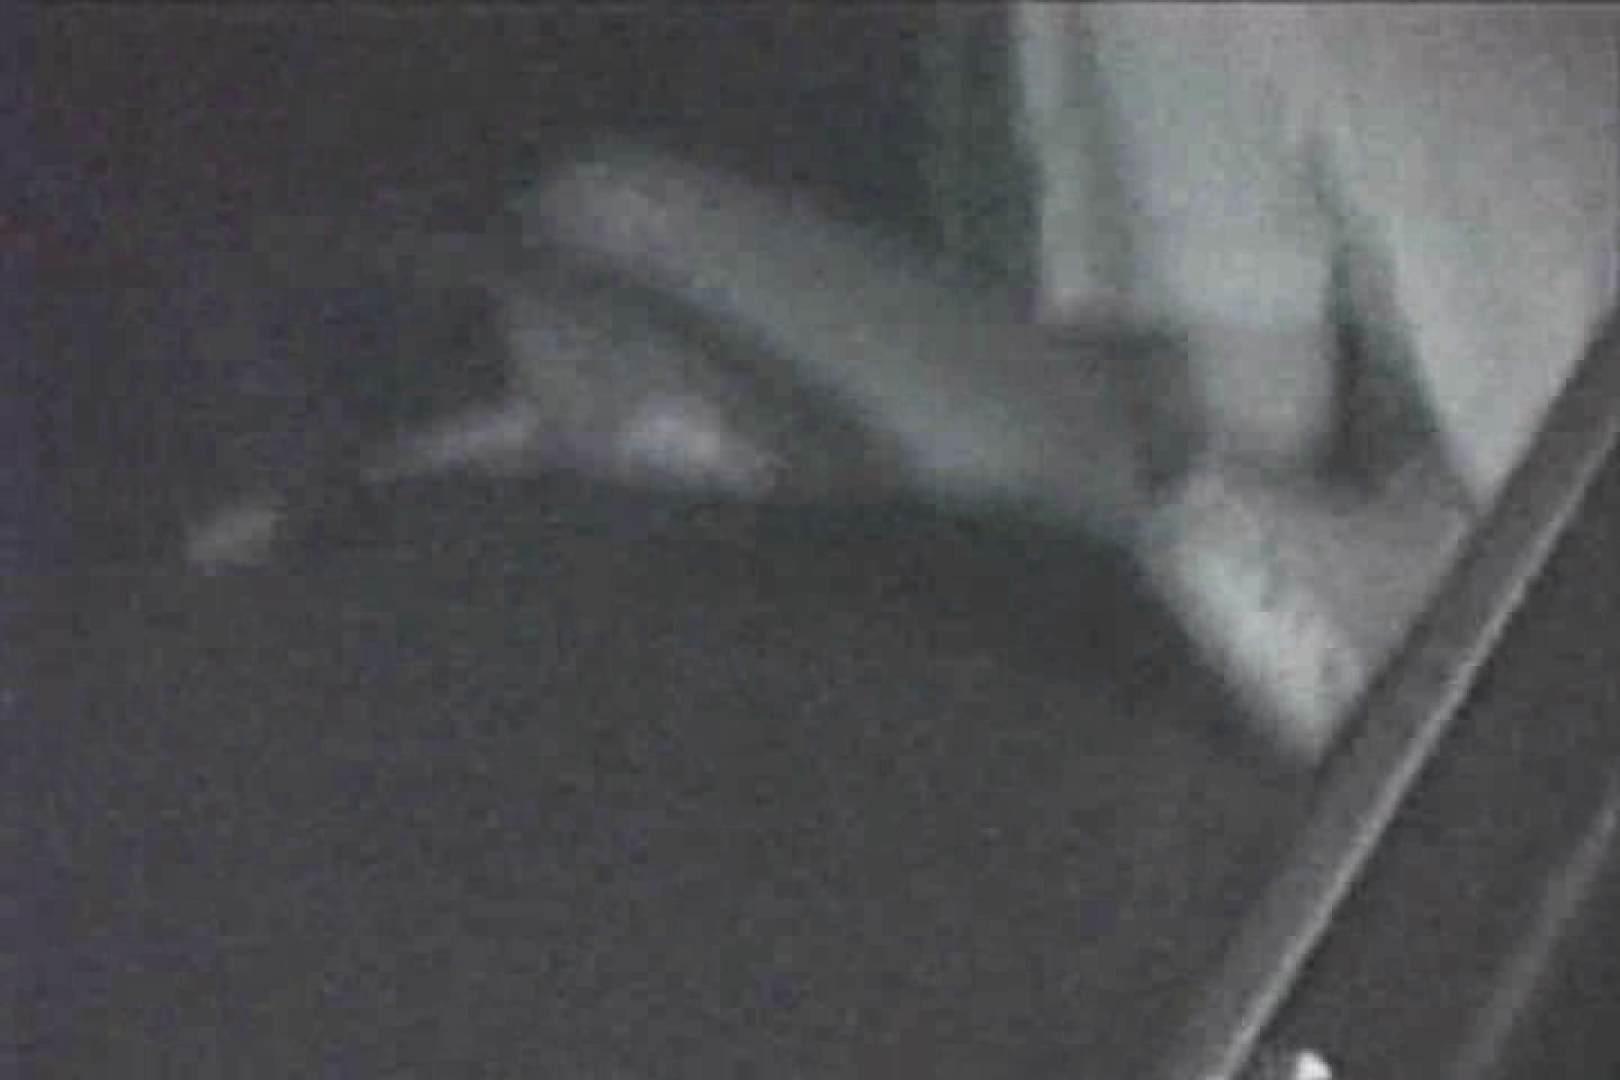 蔵出し!!赤外線カーセックスVol.17 OLの実態 盗み撮りAV無料動画キャプチャ 83pic 56